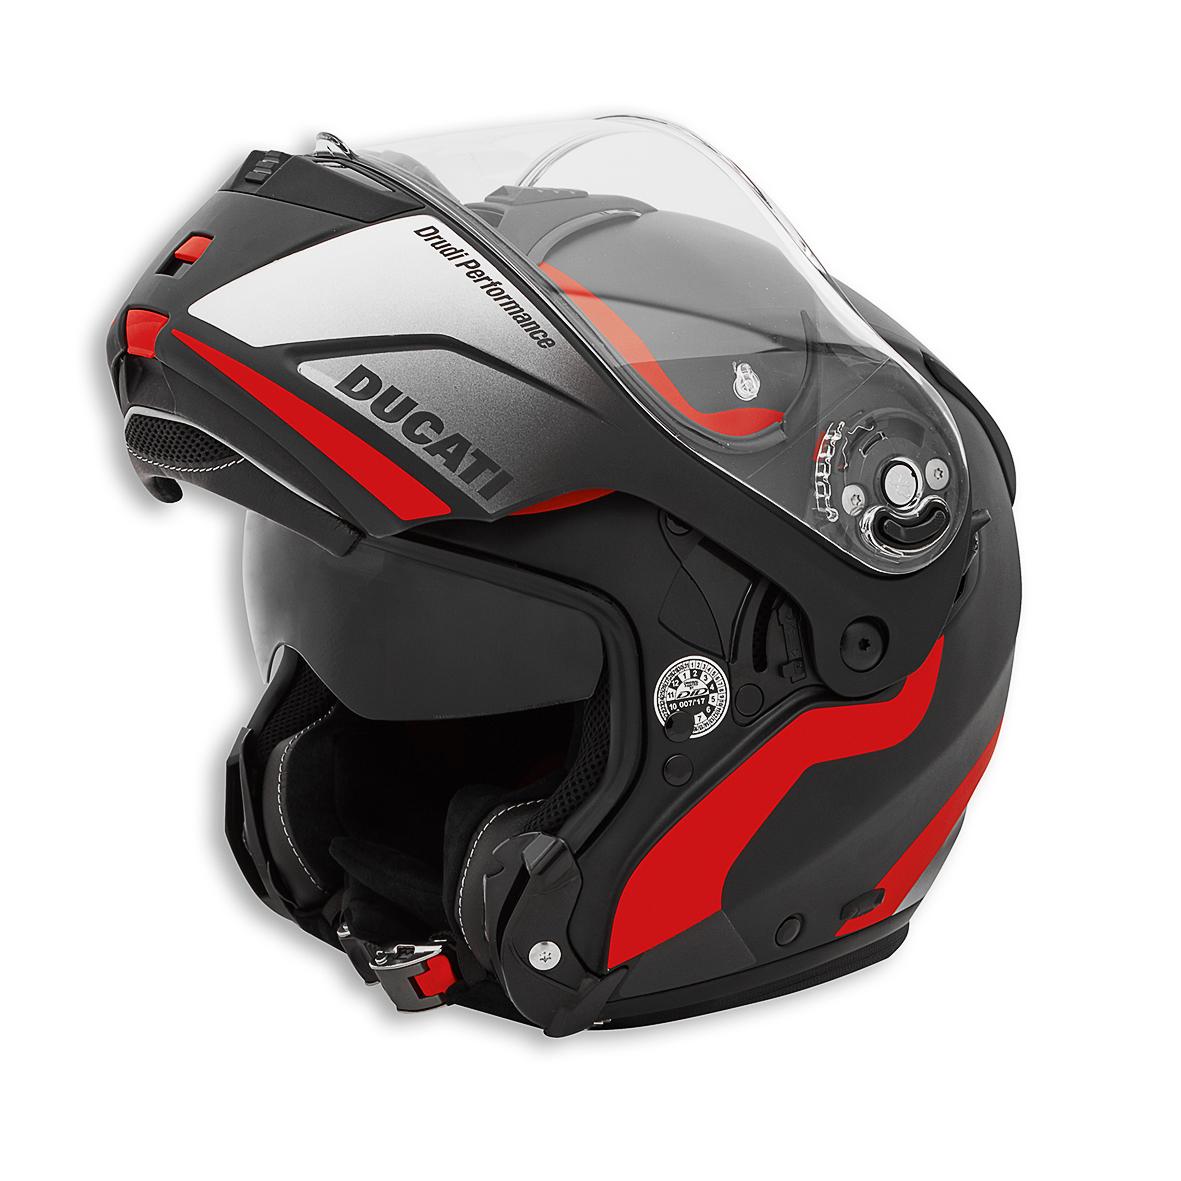 Casco Jet Ducati Monster